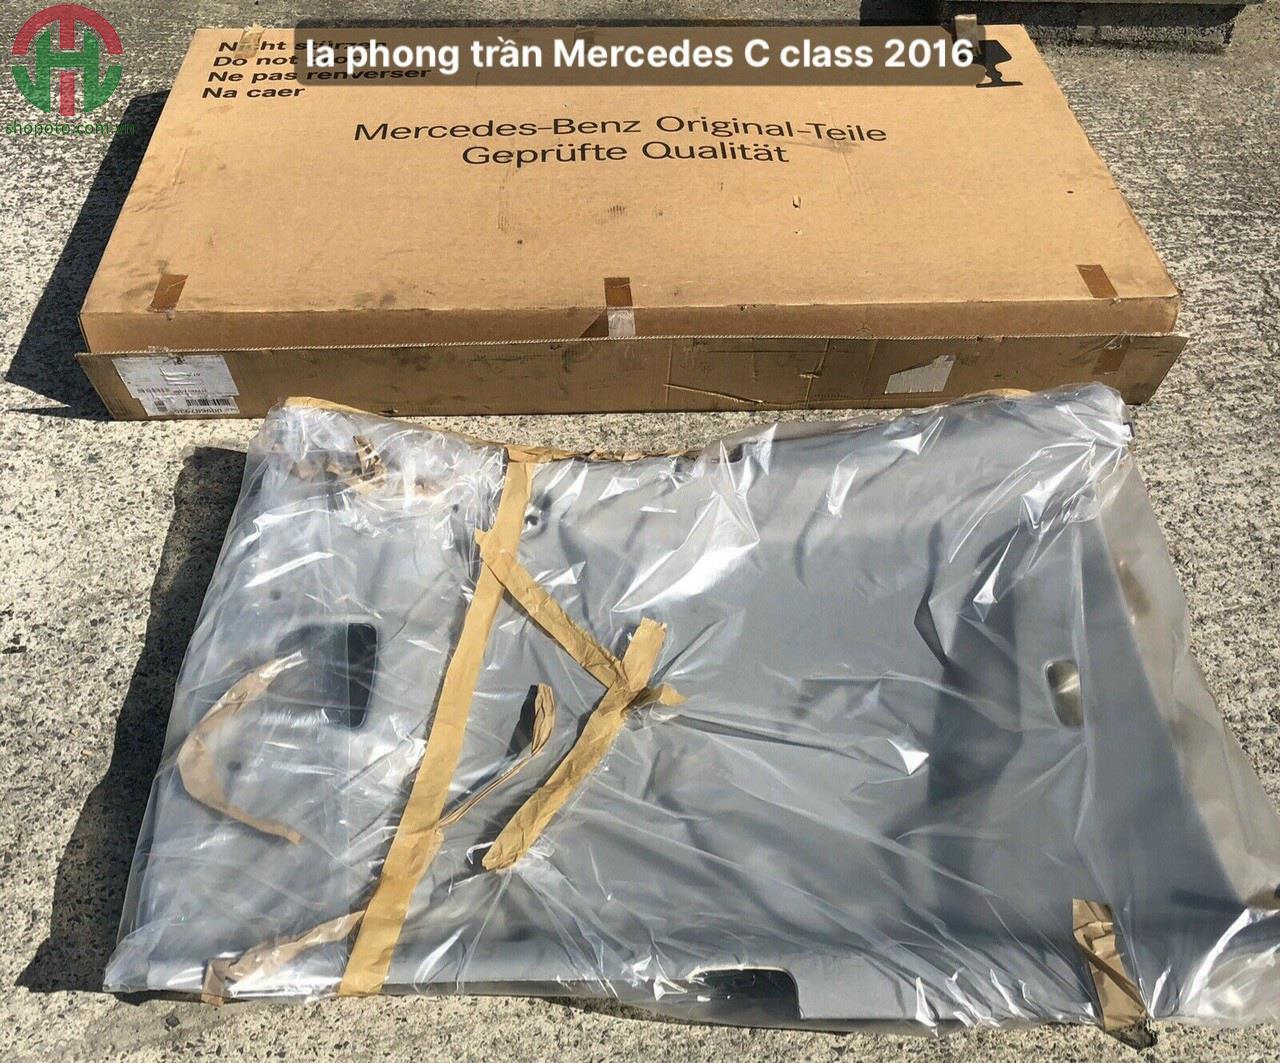 La phông trần Mercedes C class 2016